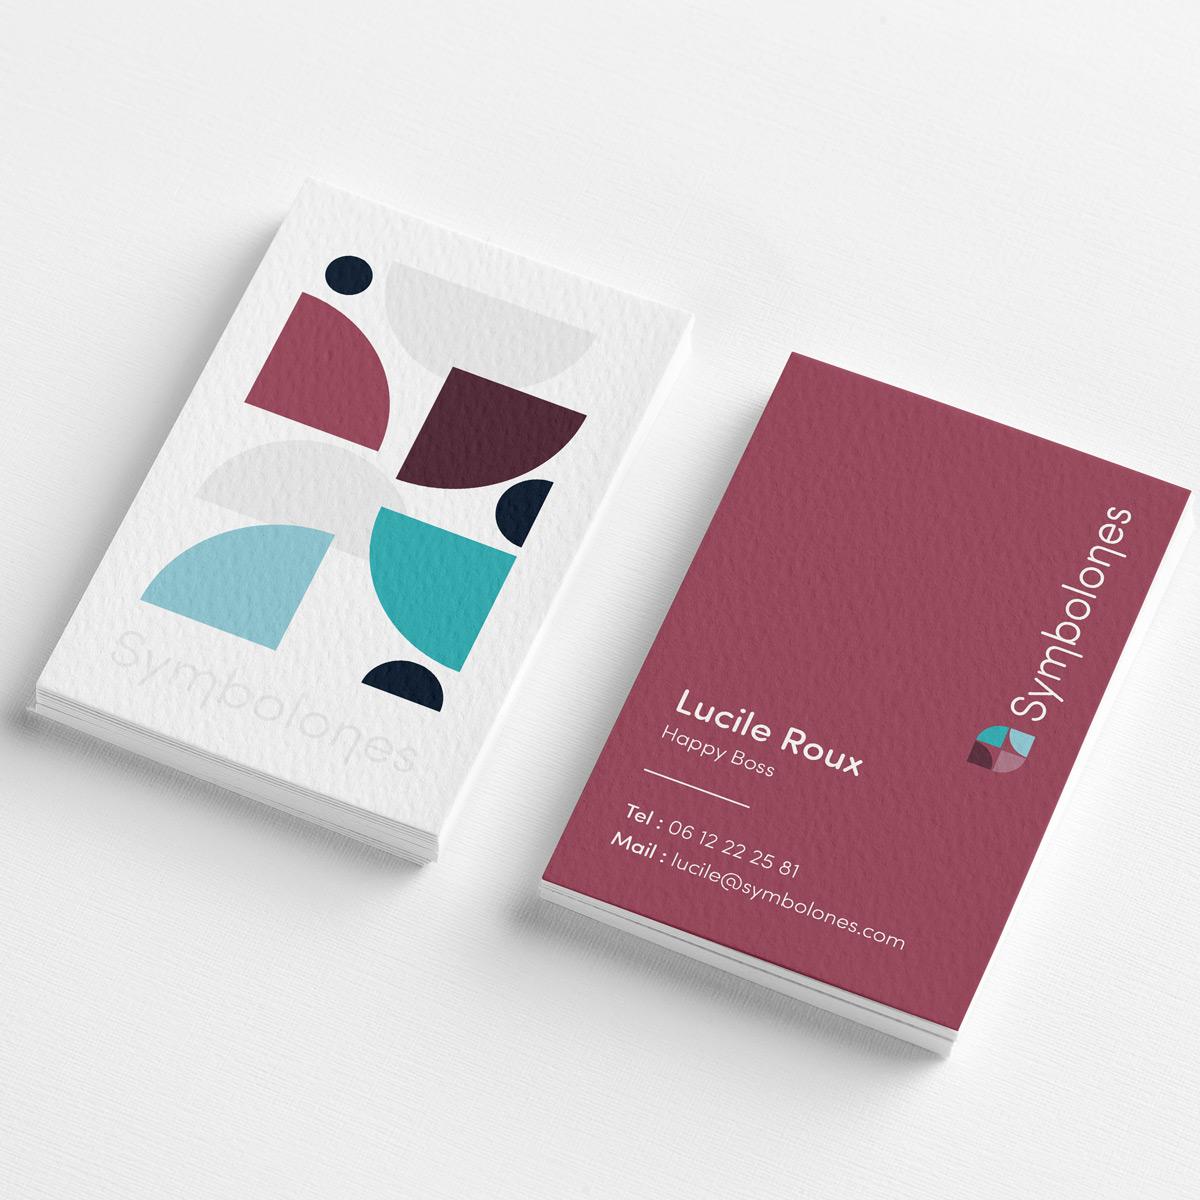 https://isse-ari-design.fr/wp-content/uploads/2020/08/carte-visite-symbolone-1.jpg